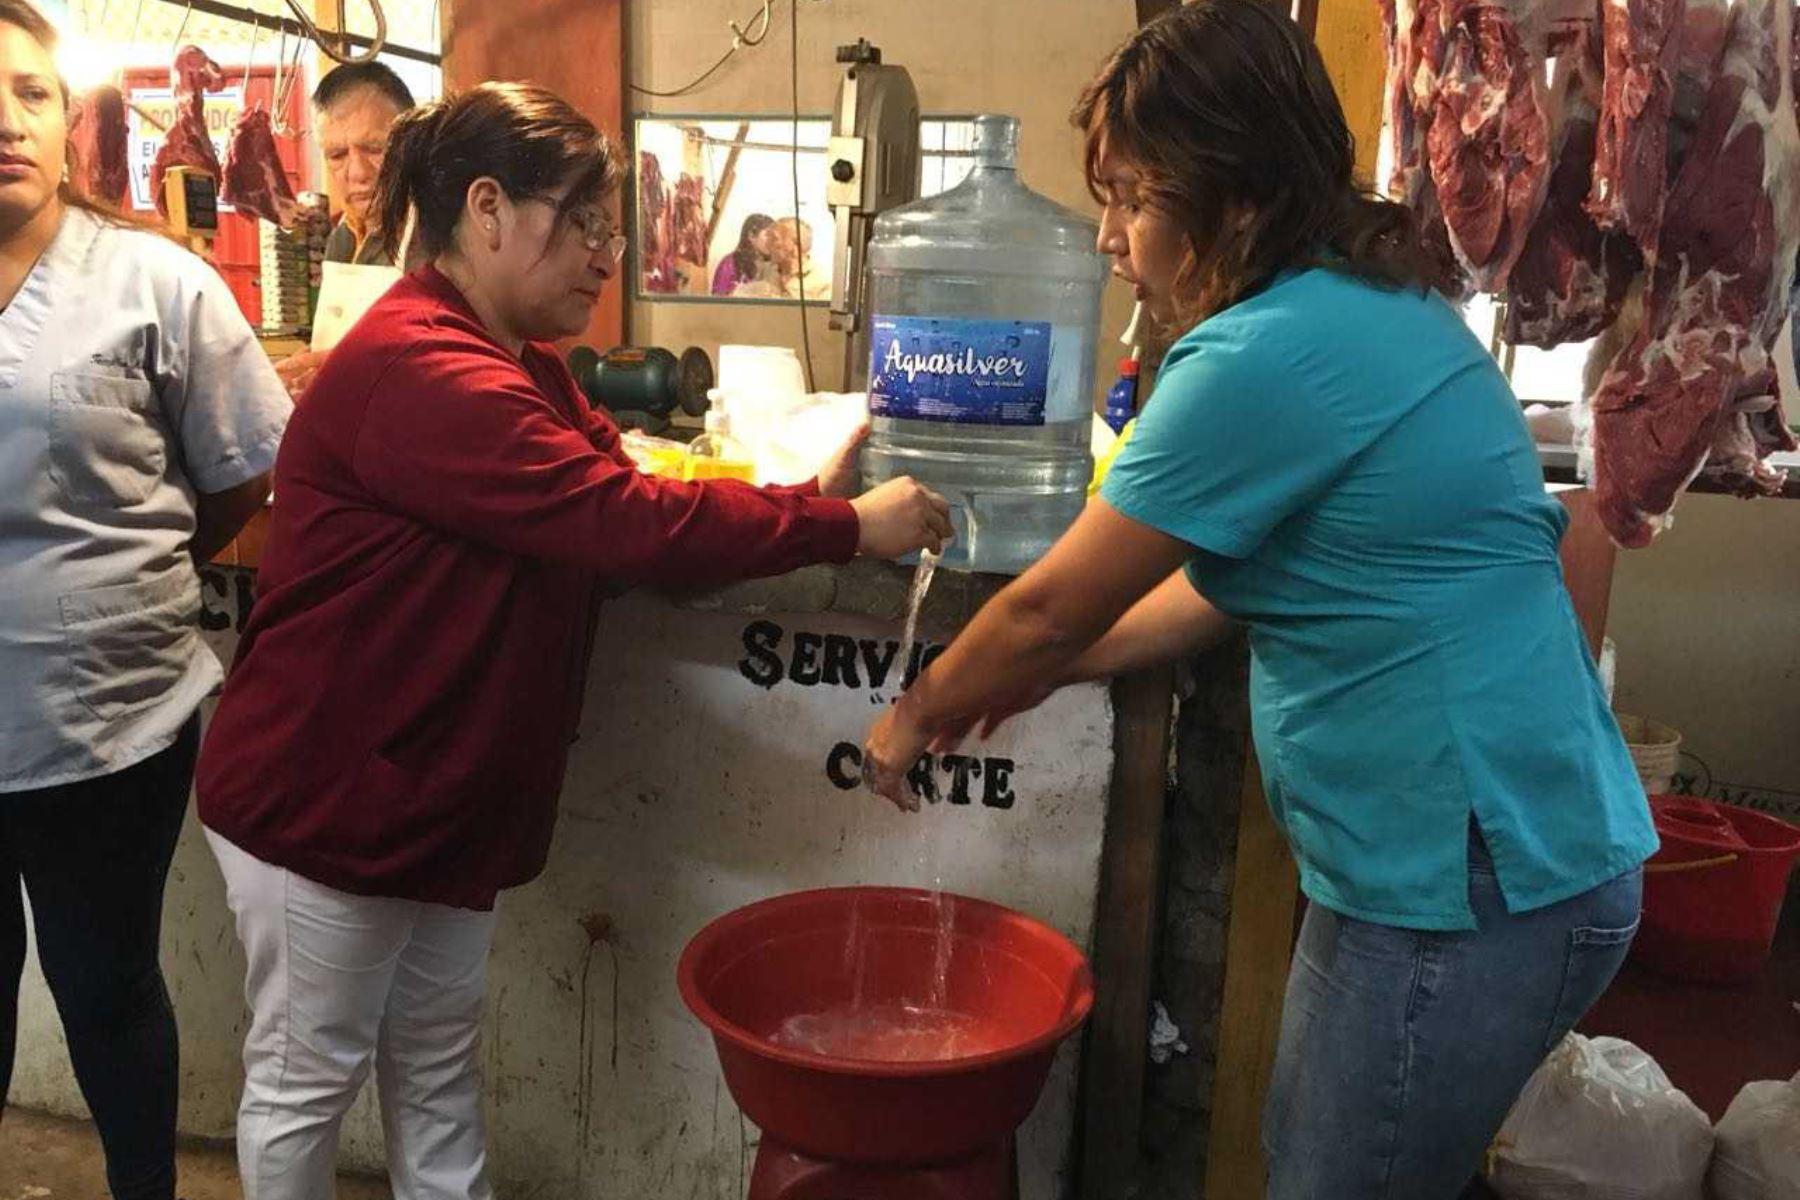 Ante la aparición de casos sospechosos del Síndrome de Guillain Barré, el titular de la Dirección Regional de Salud (Diresa) de Áncash, Martín Gutiérrez Zapata, anunció la realización de campañas de lavado de manos como medida de prevención de este mal.